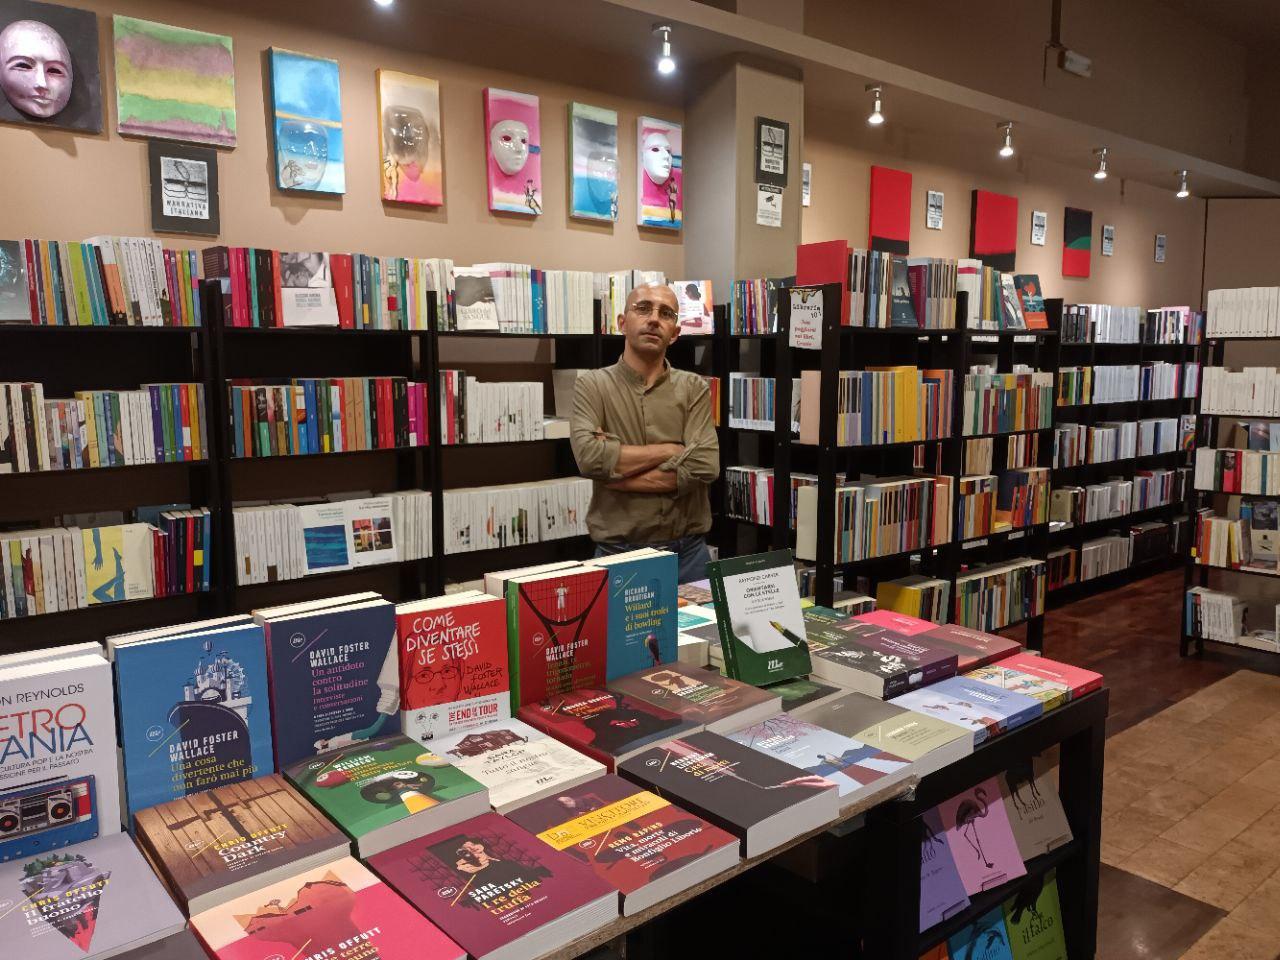 Libreria 101